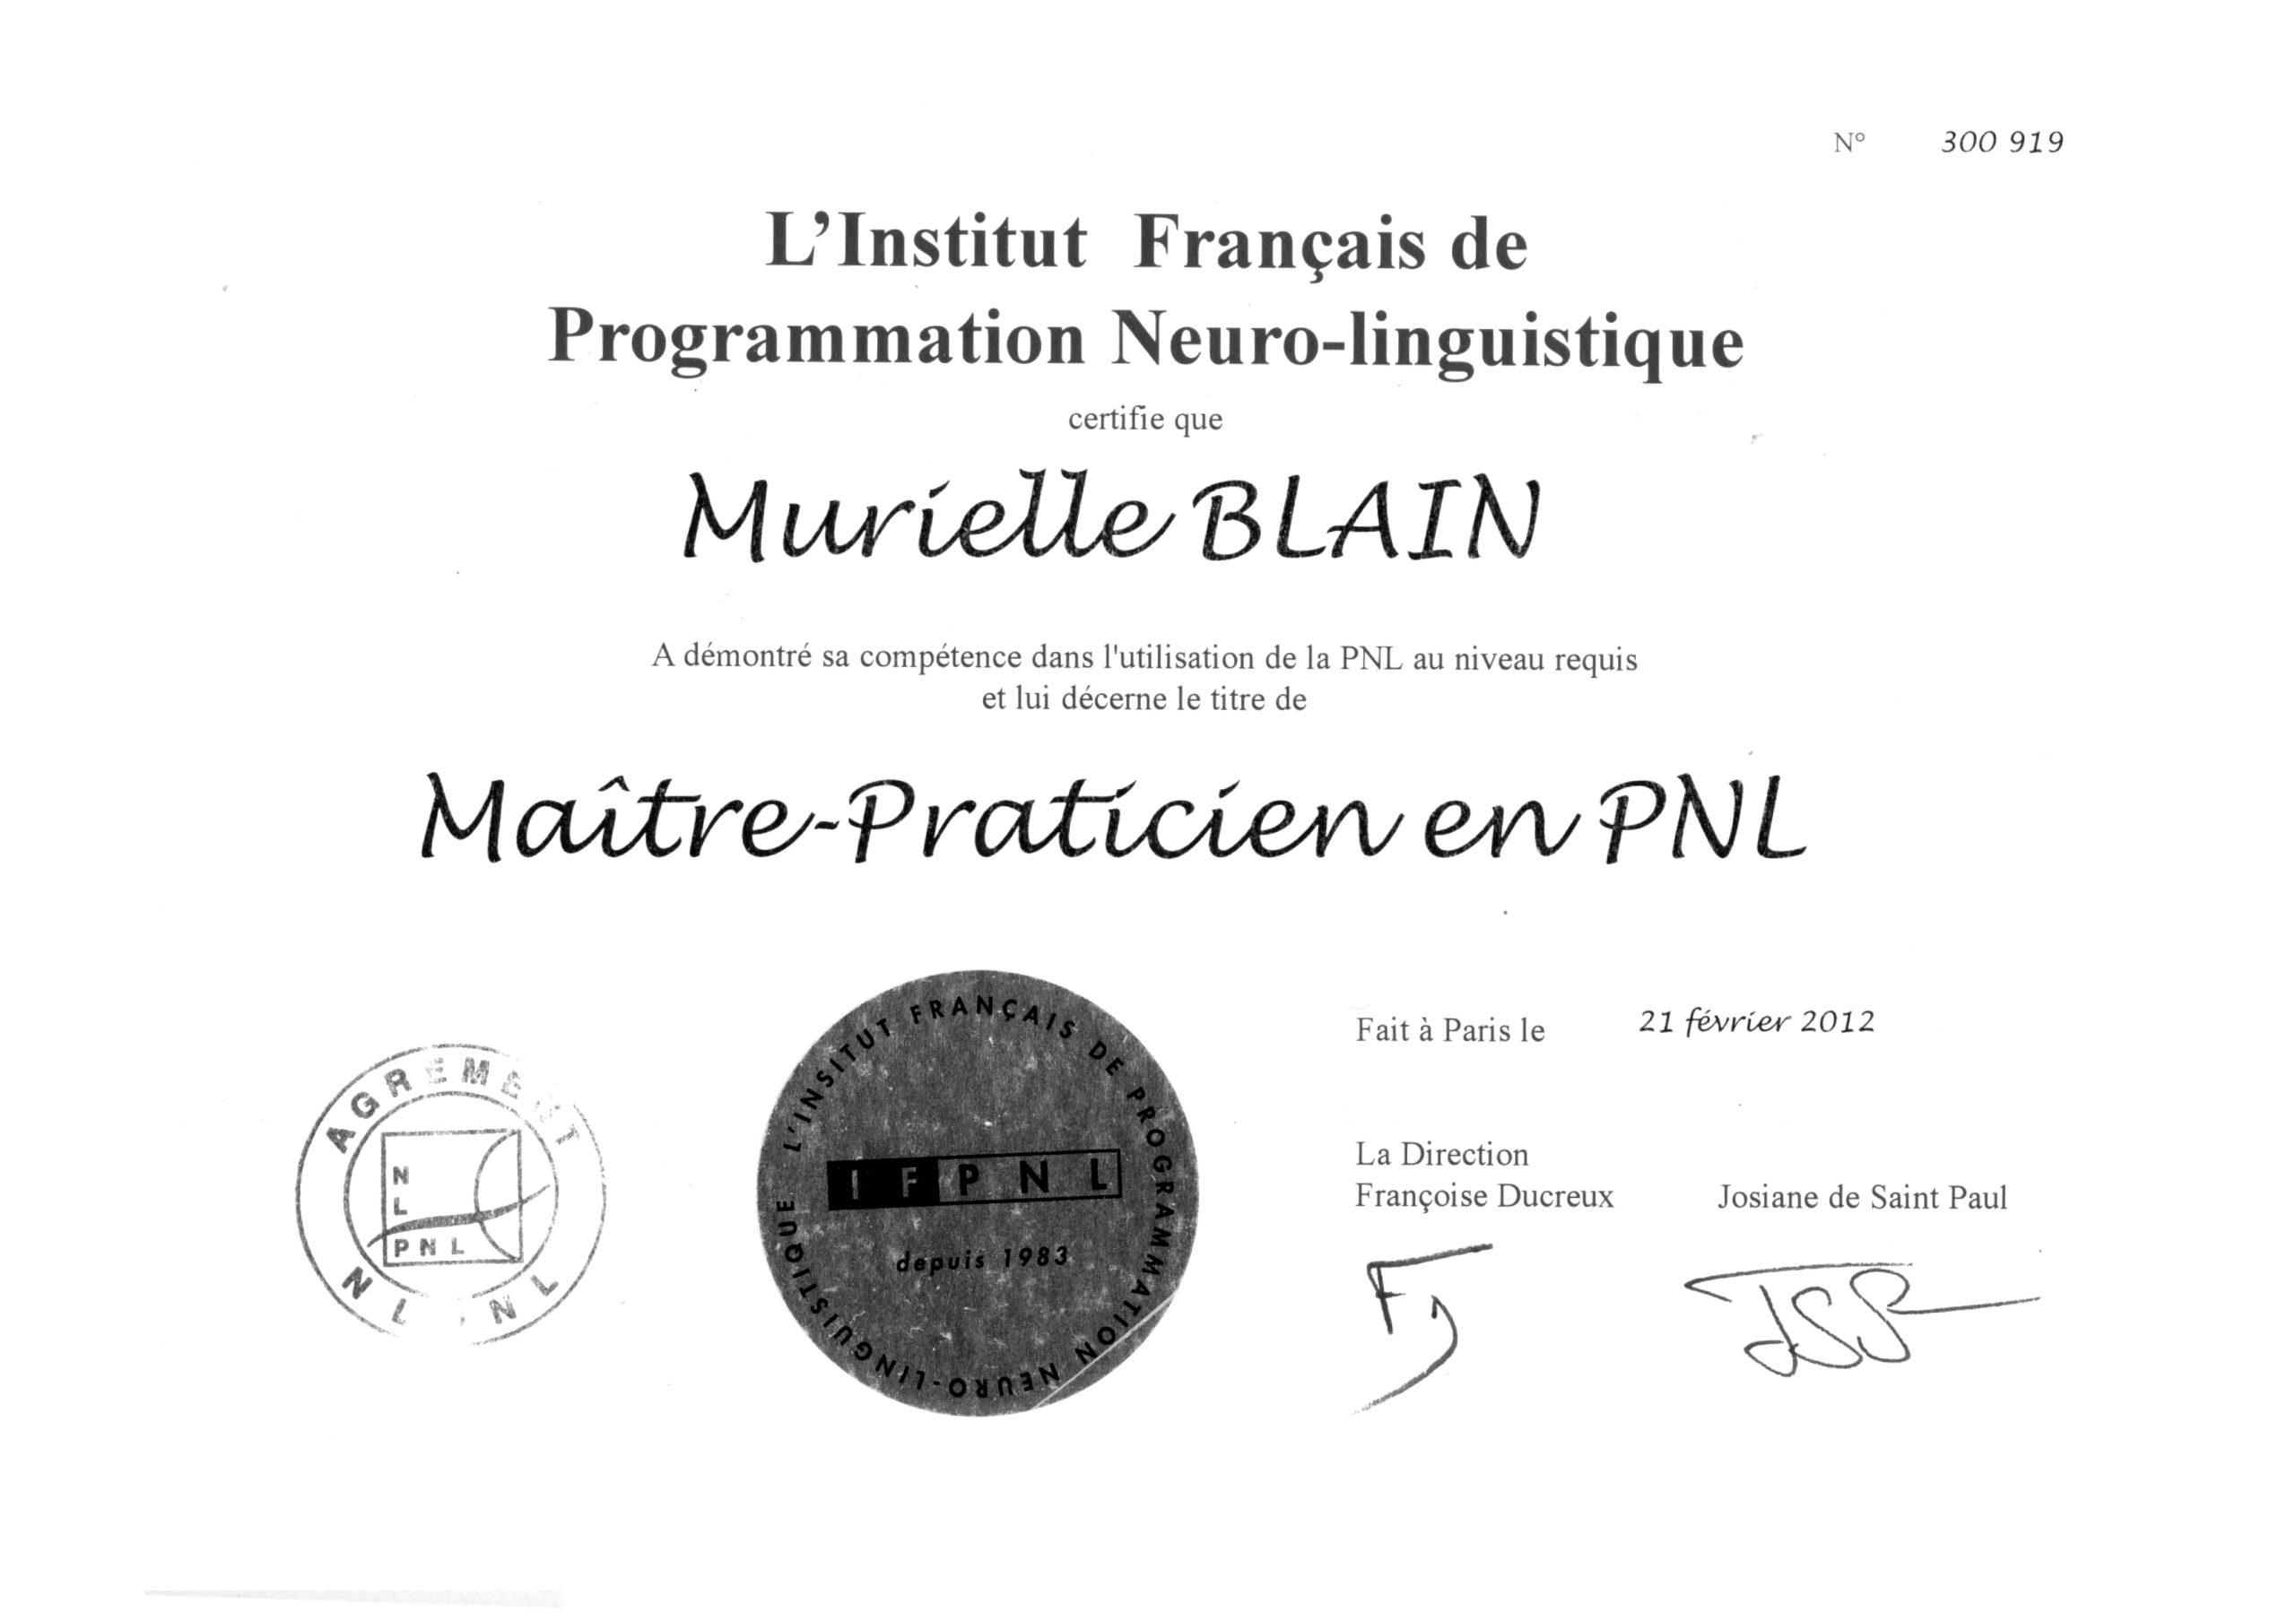 diplome d'hypnothérapeute et Murielle Blain